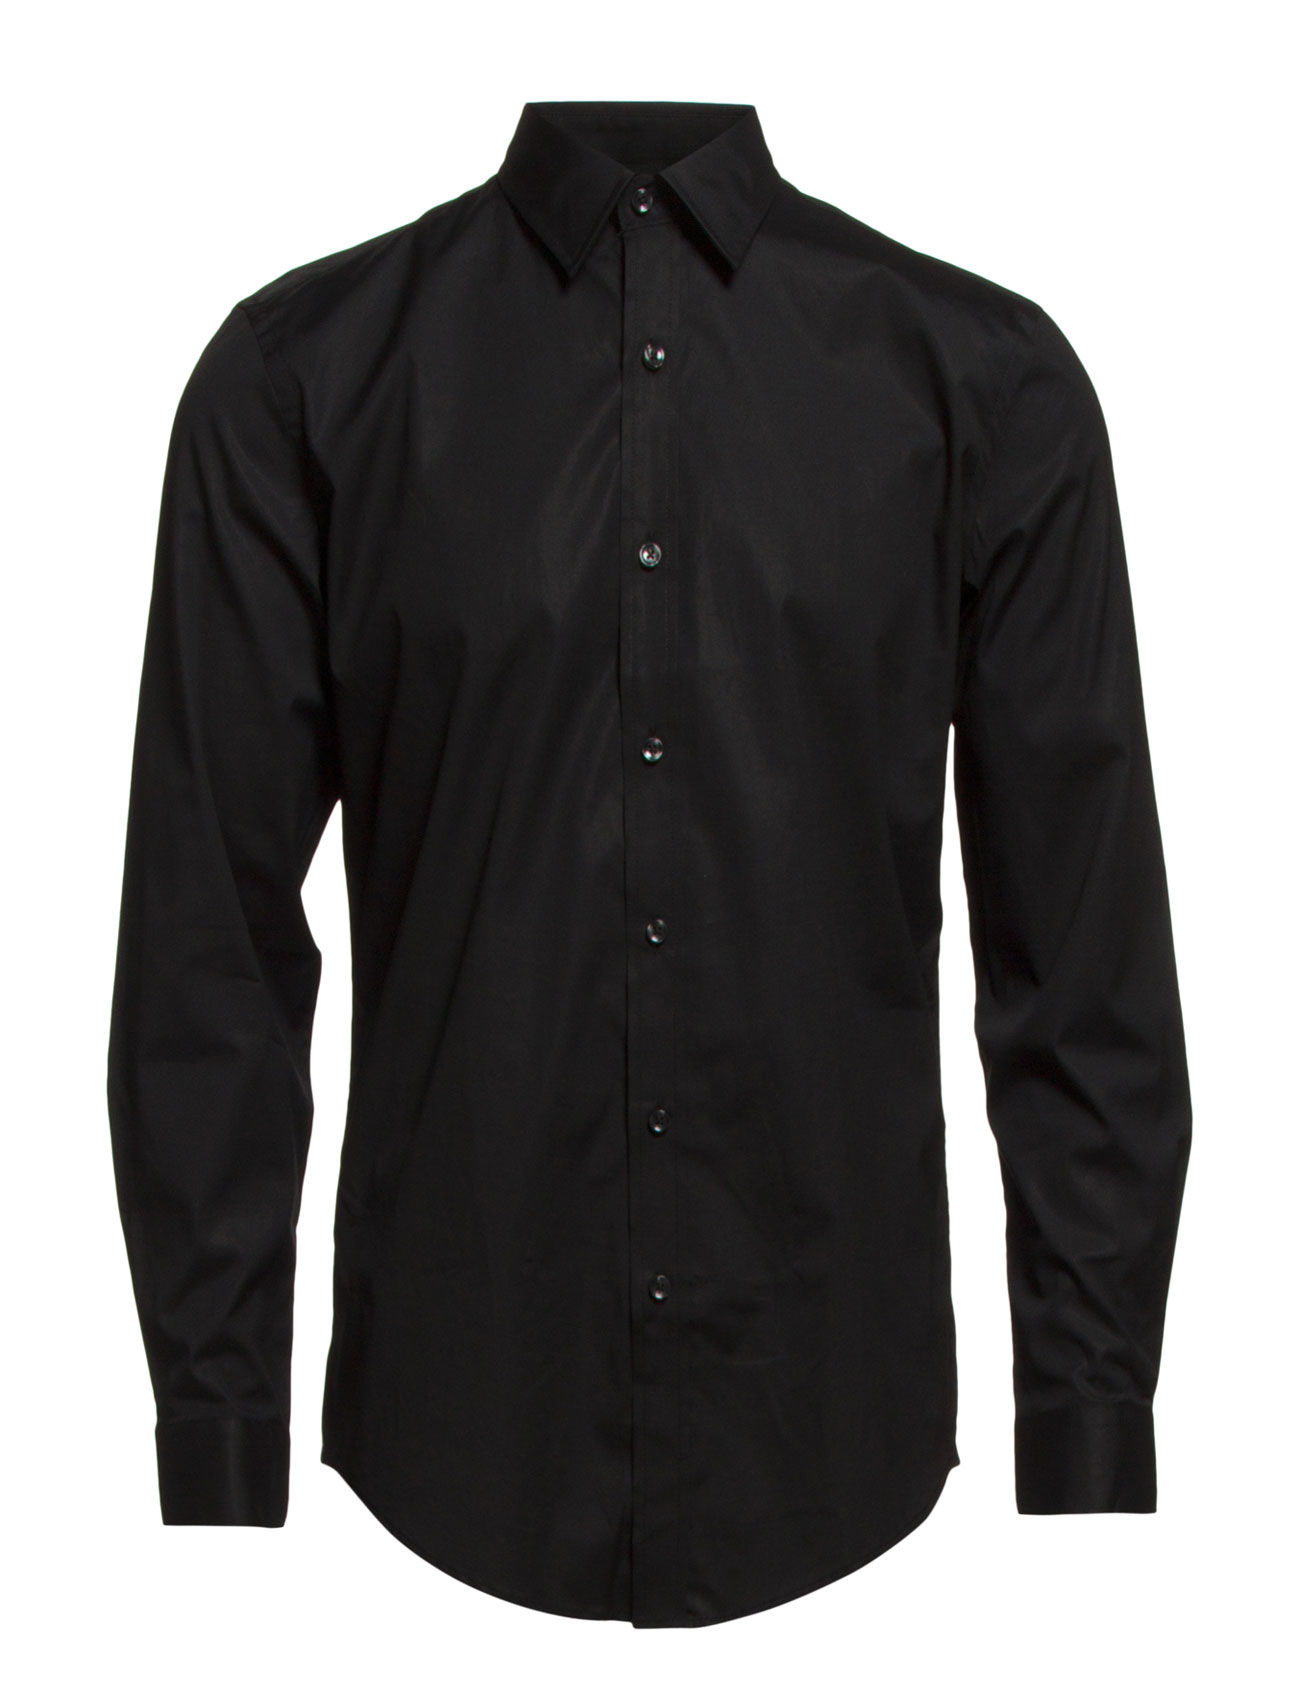 Cr7 Shirt Classic Fit CR7 Trøjer til Mænd i